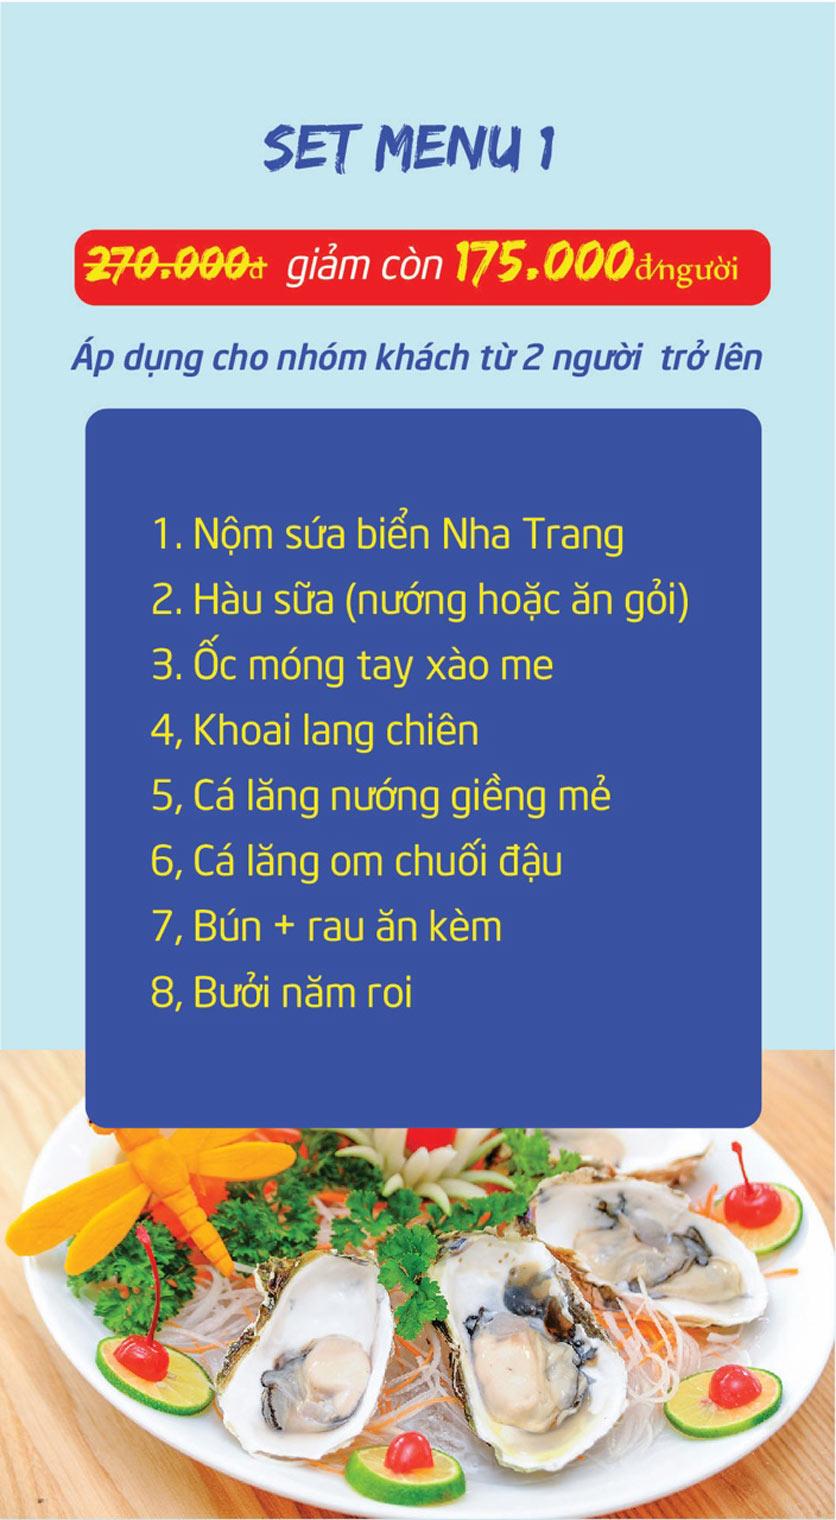 Menu Chợ Hải Sản Thiên Phú - KĐT Văn Phú 8